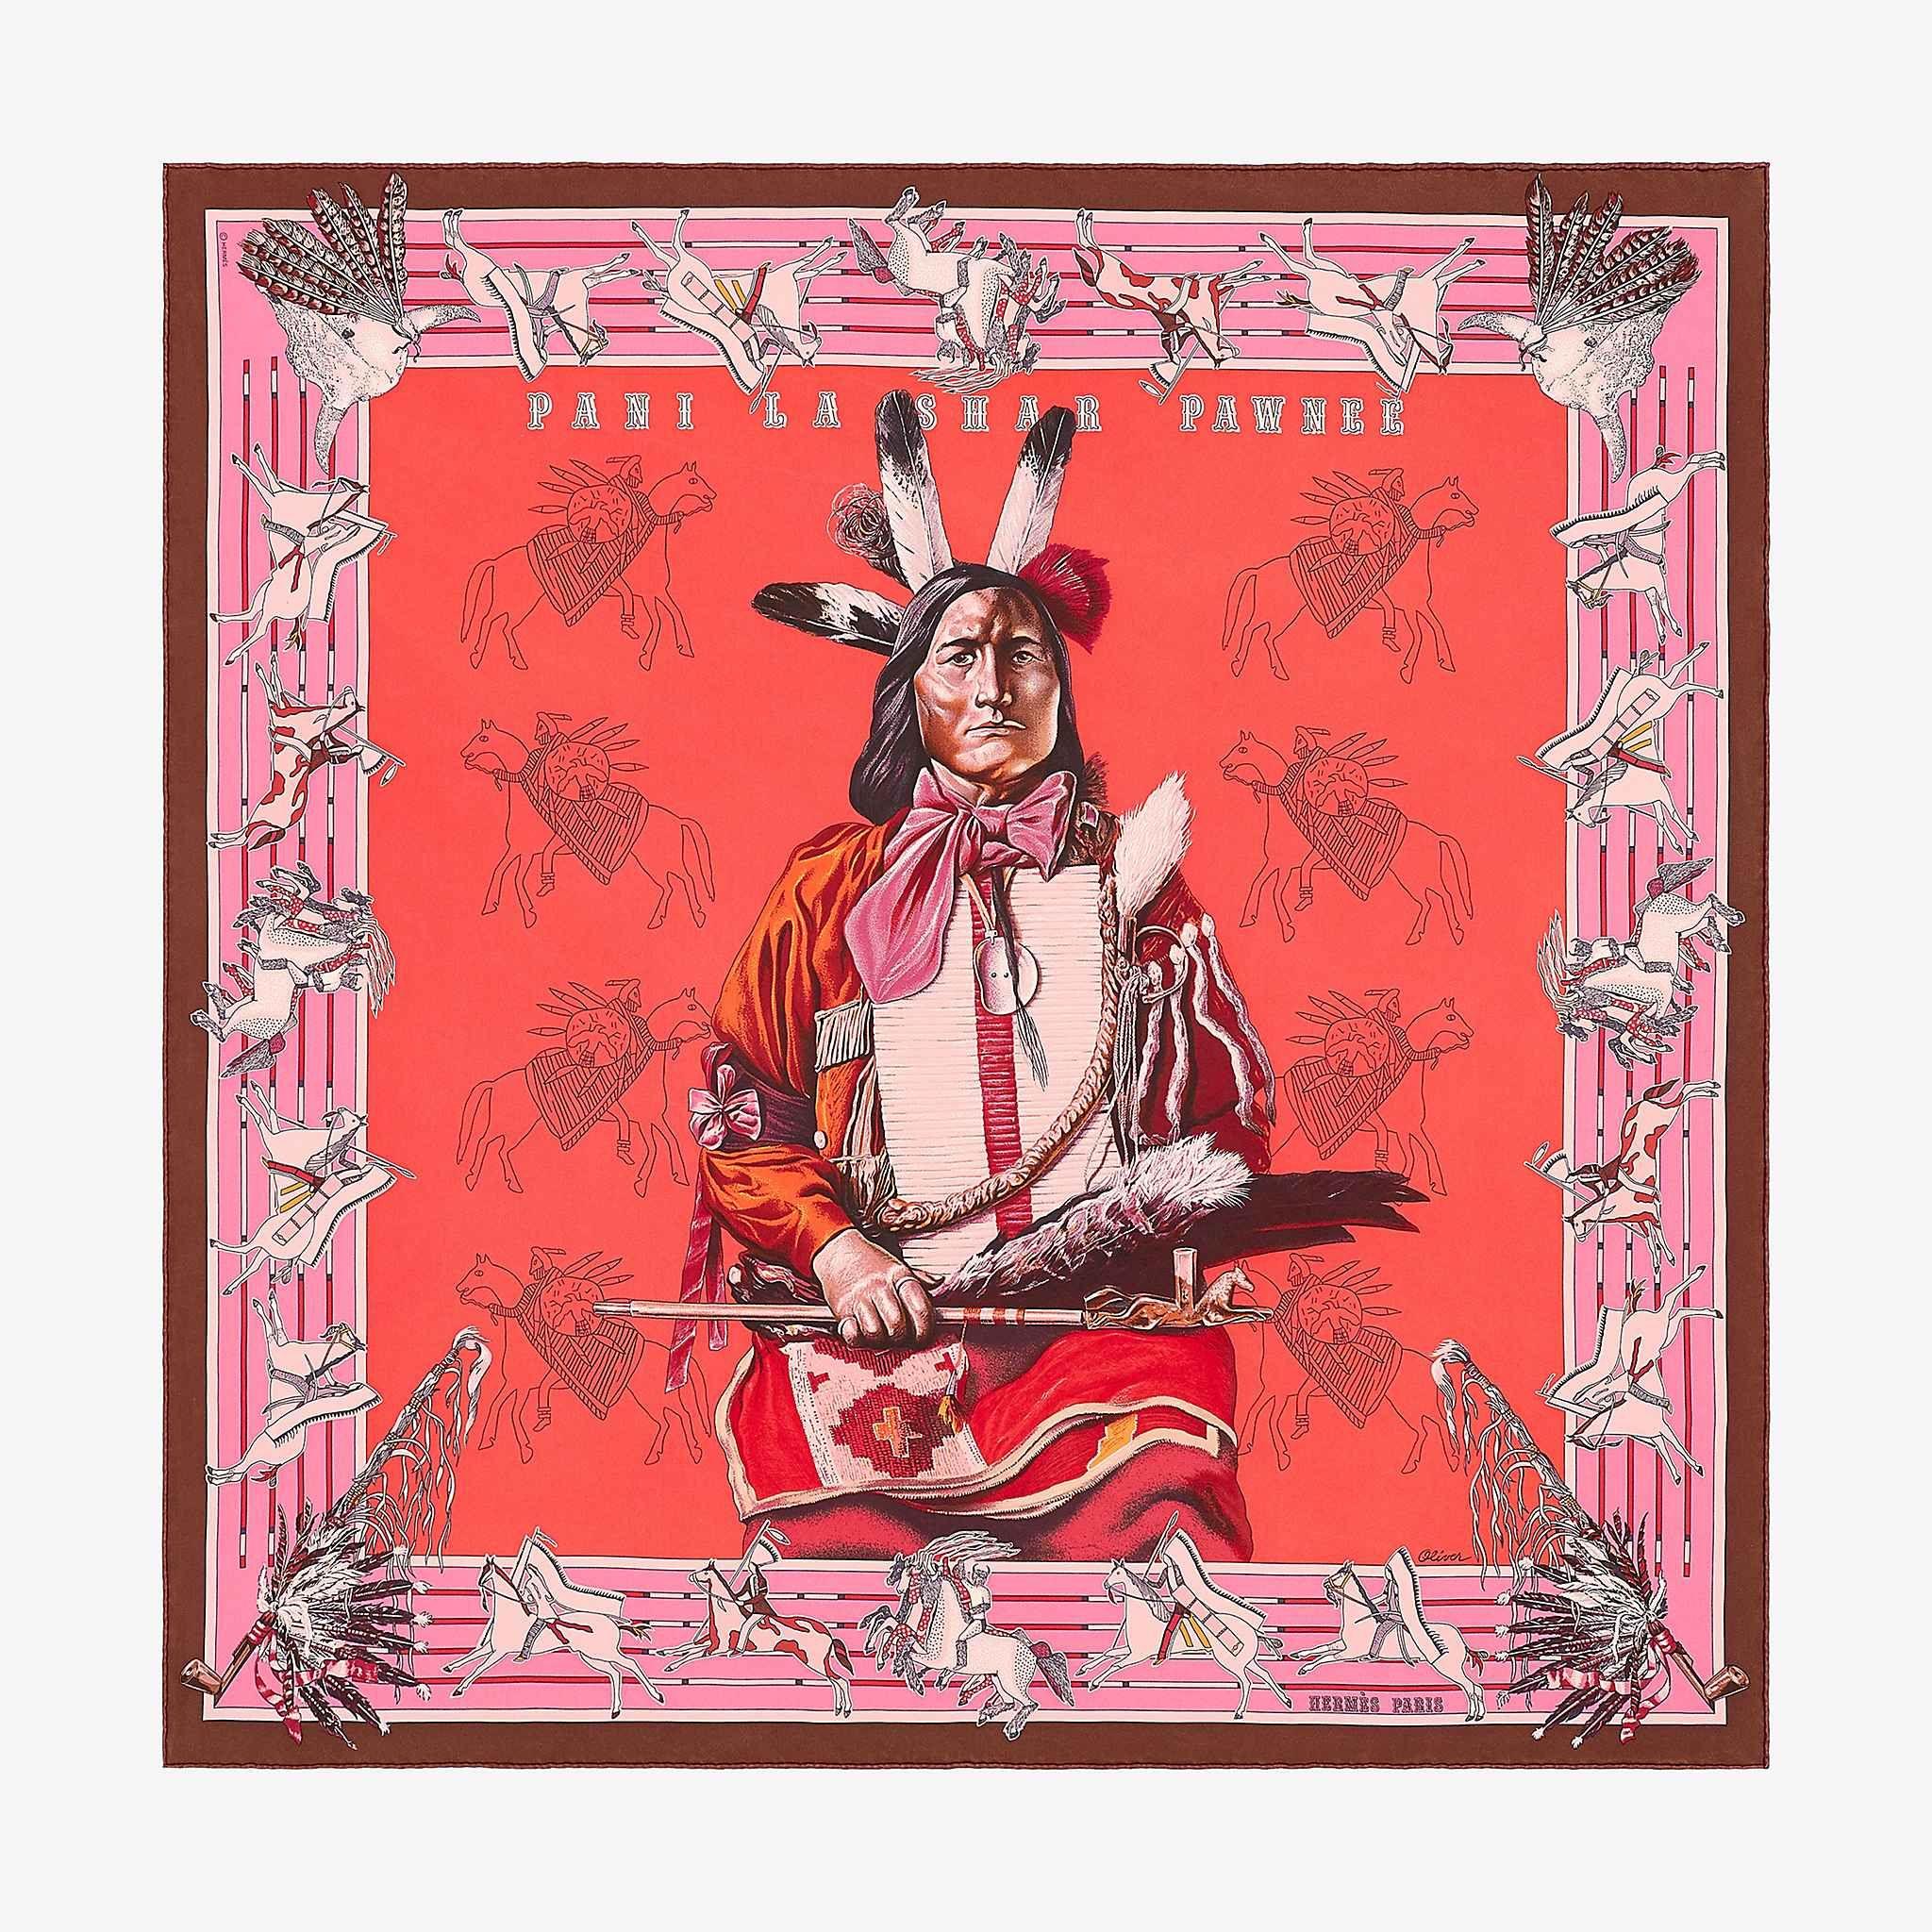 991a7292724c Carré wash 90 Pani La Shar Pawnee   Hermes scarf   Pinterest ...